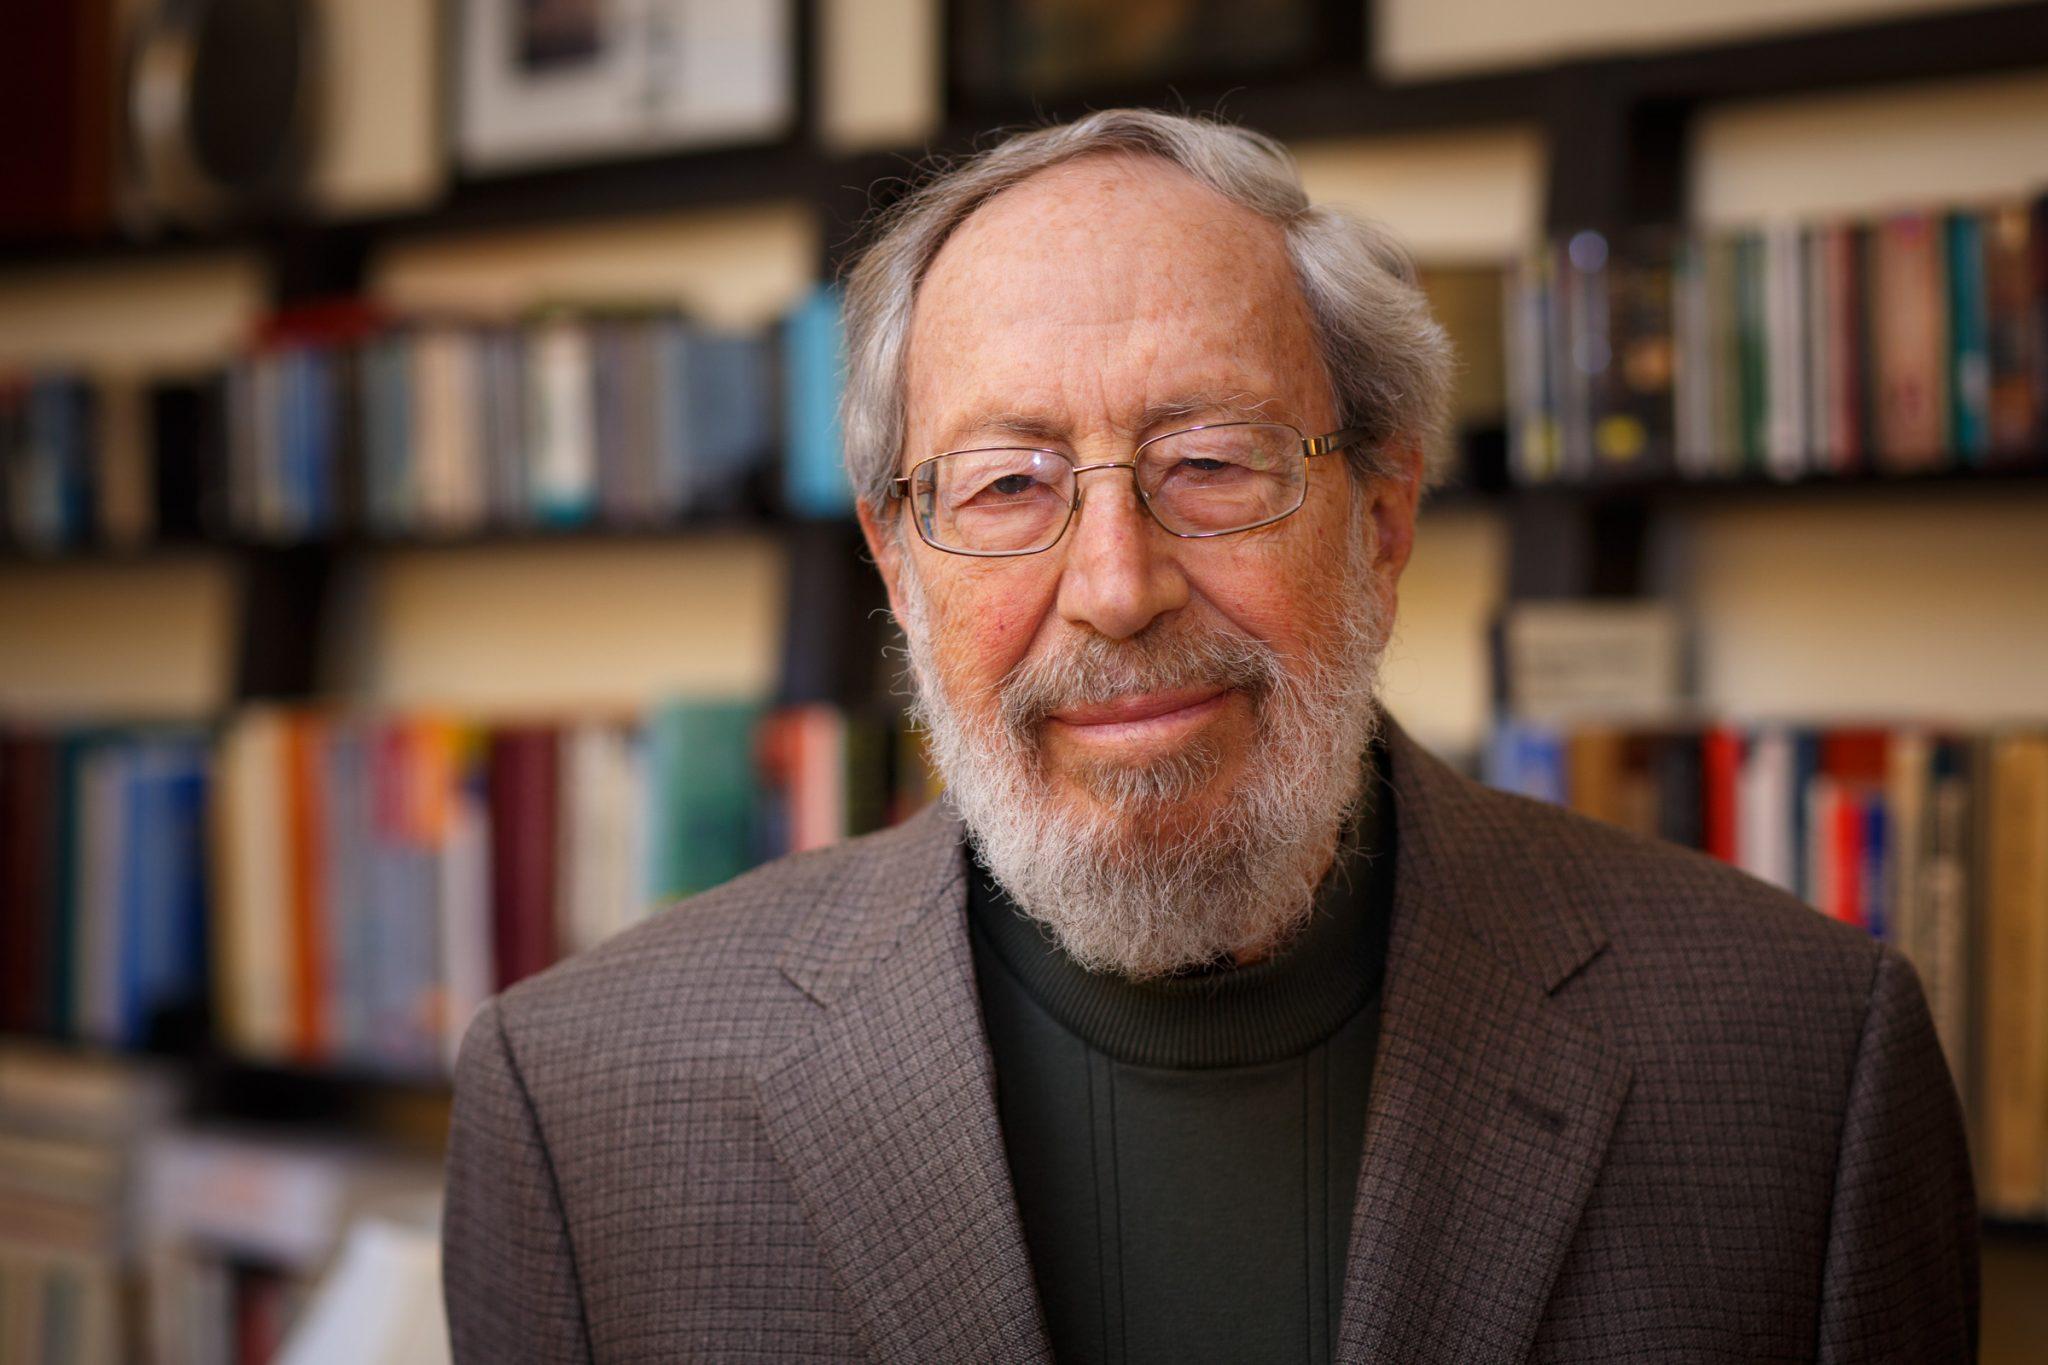 Edgar H. Schein